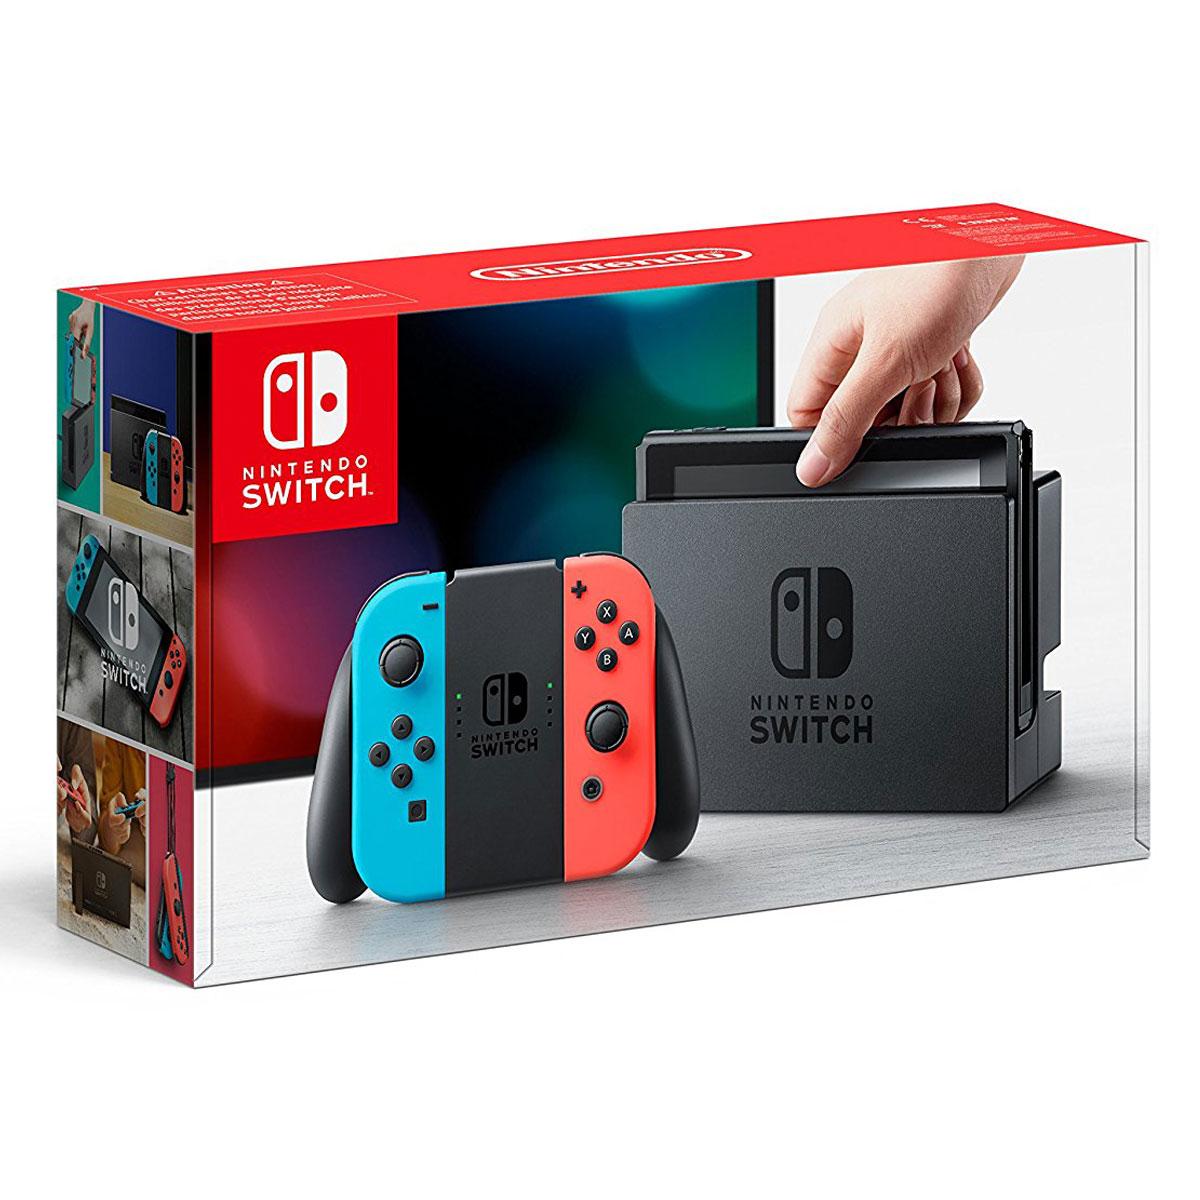 Pack console de jeux Nintendo Switch + Joy-Con droit (Rouge) et gauche (Bleu) Console de jeux-vidéo nouvelle génération avec capacité 32 Go + Manette